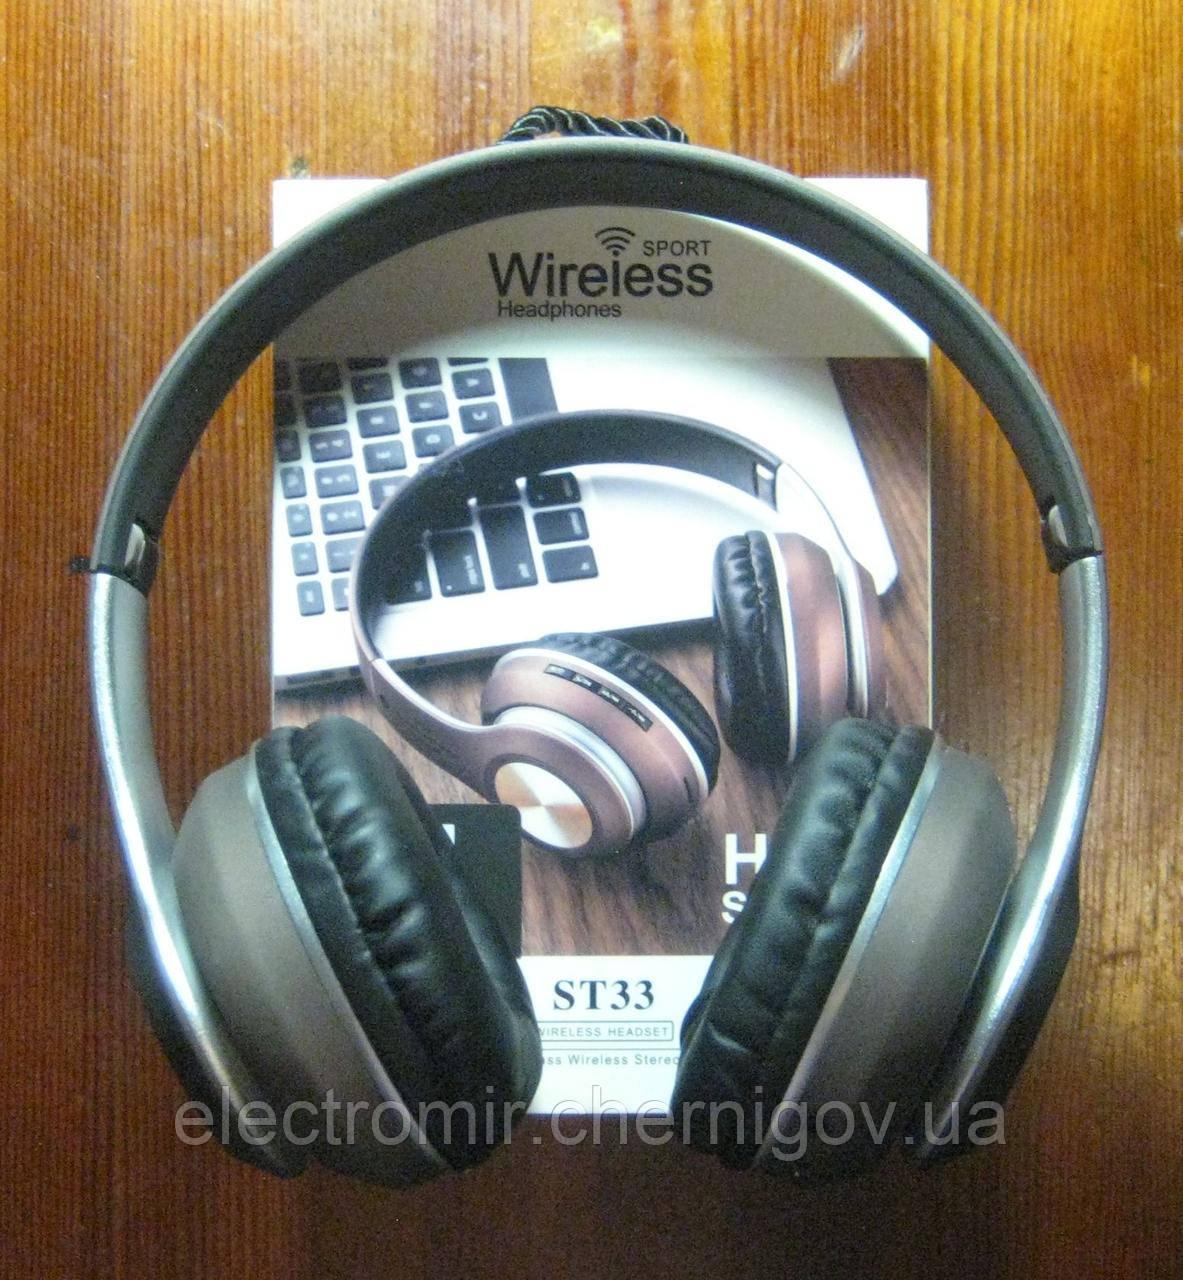 Наушники беспроводные Bluetooth JBL ST-33 (серые)